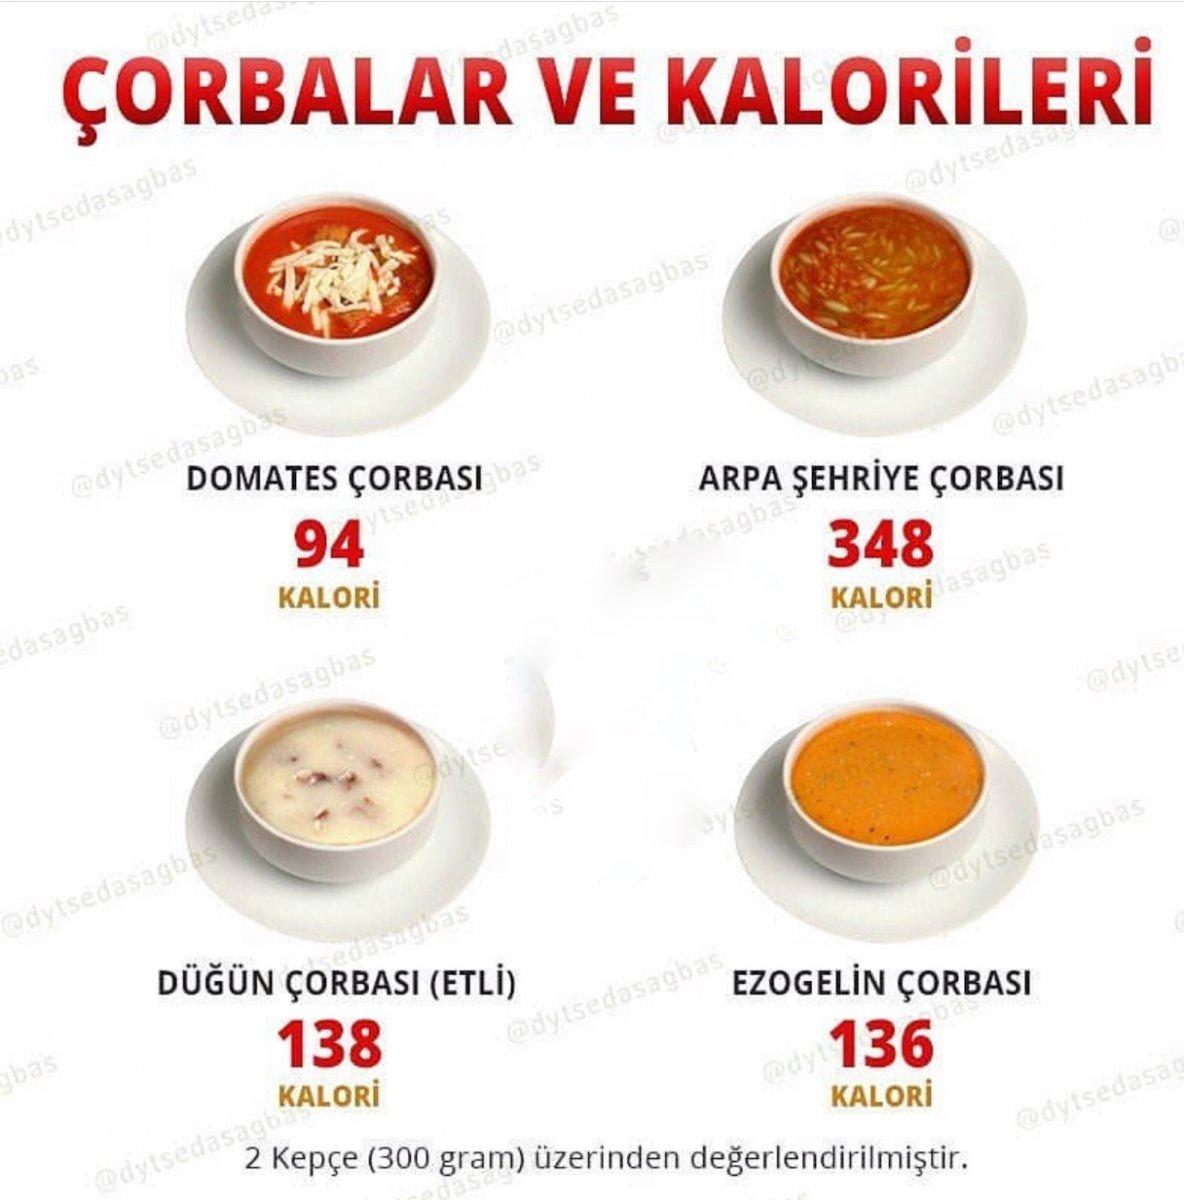 Çorbalar ve kalorileri